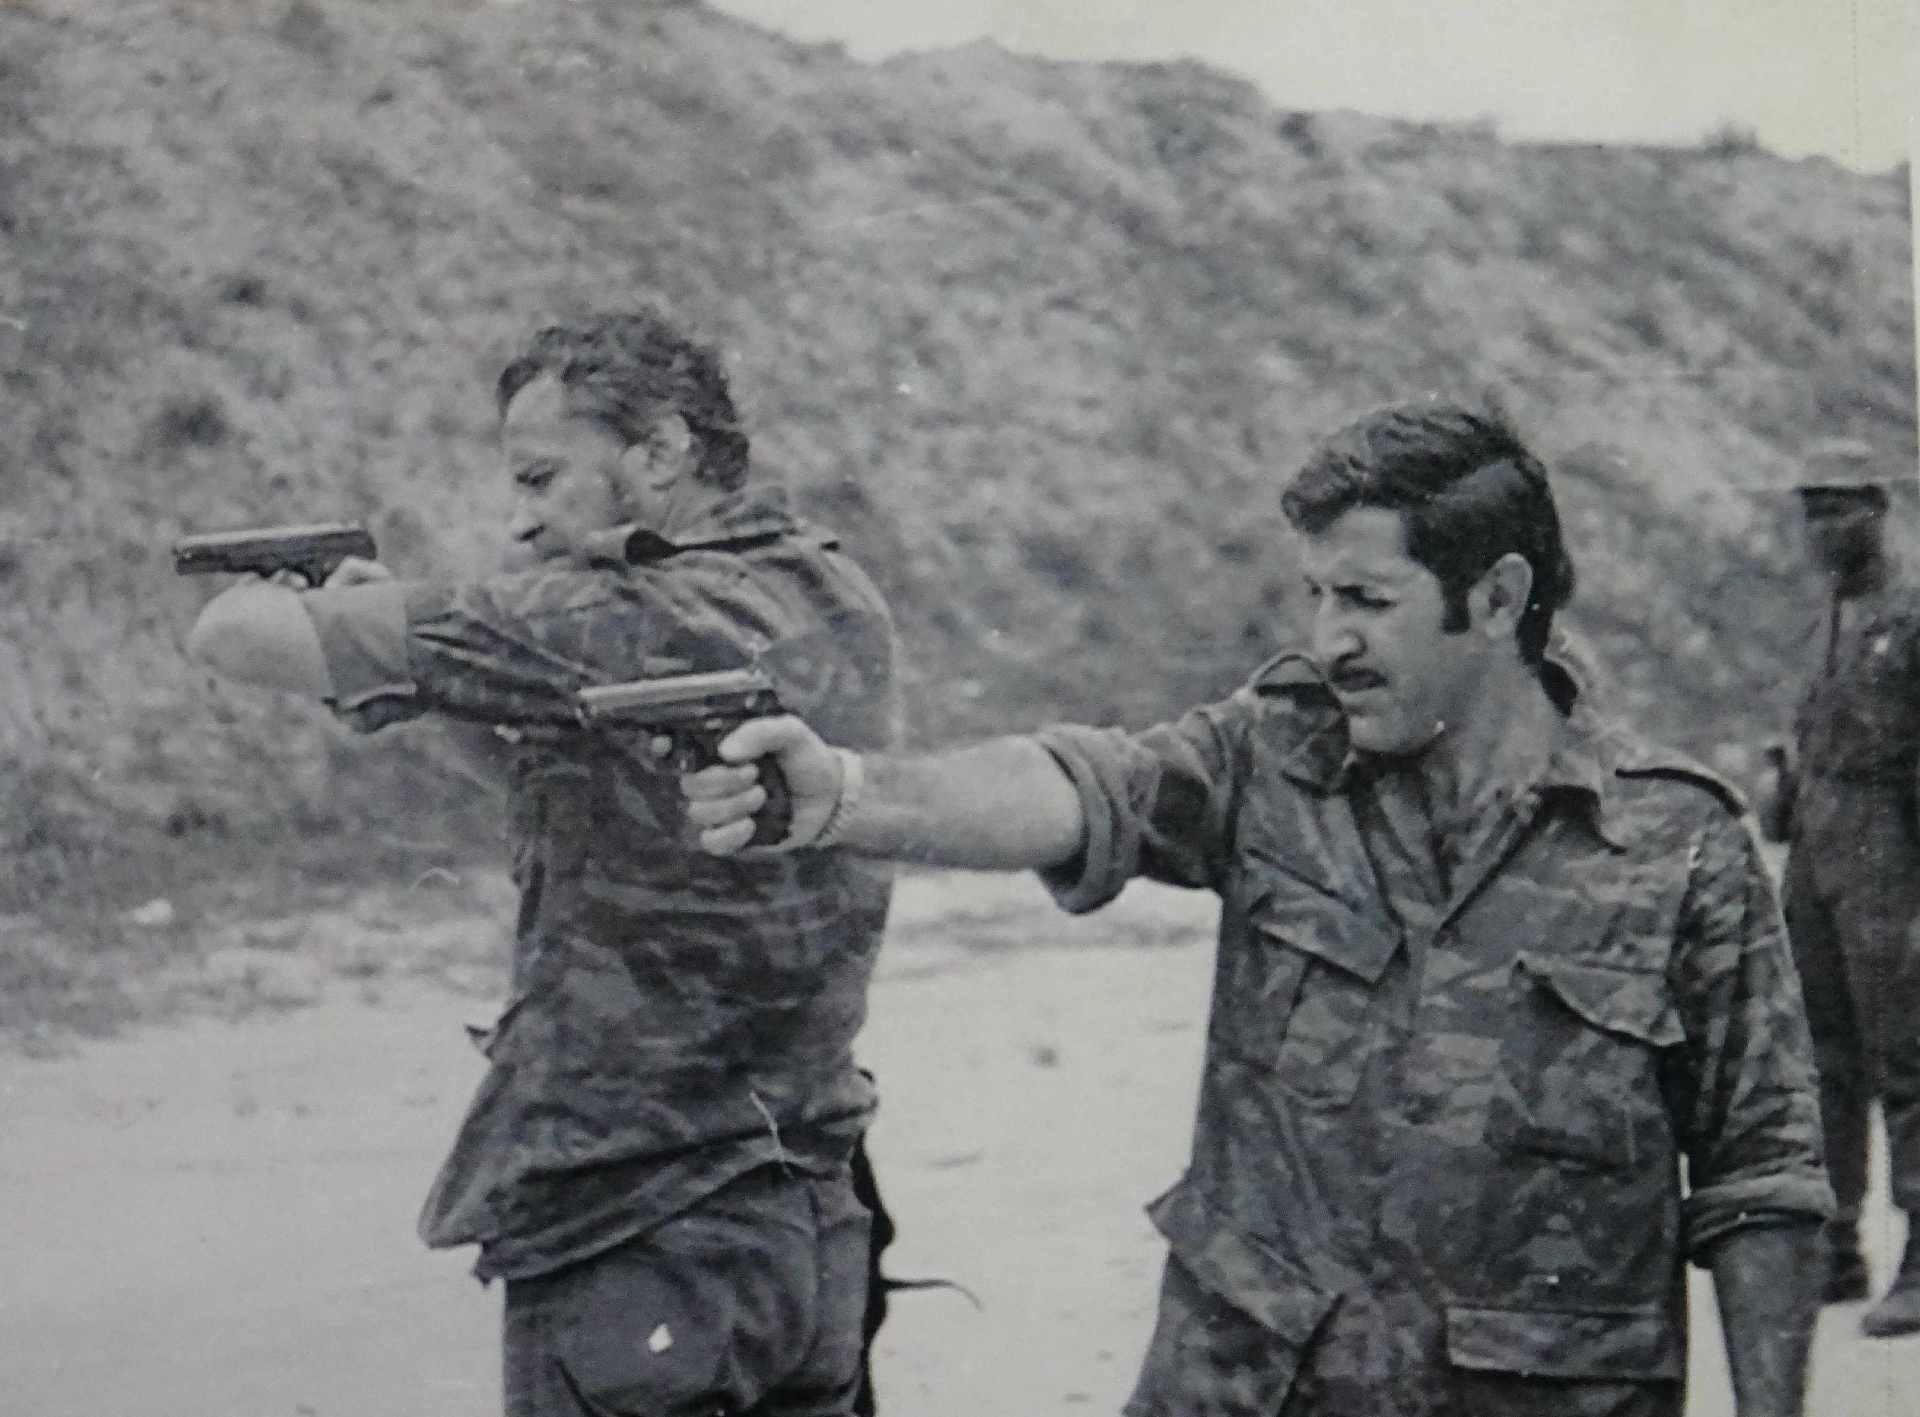 Экспонат #29. С Игорем Бганцевым. Ангола, 1976 год